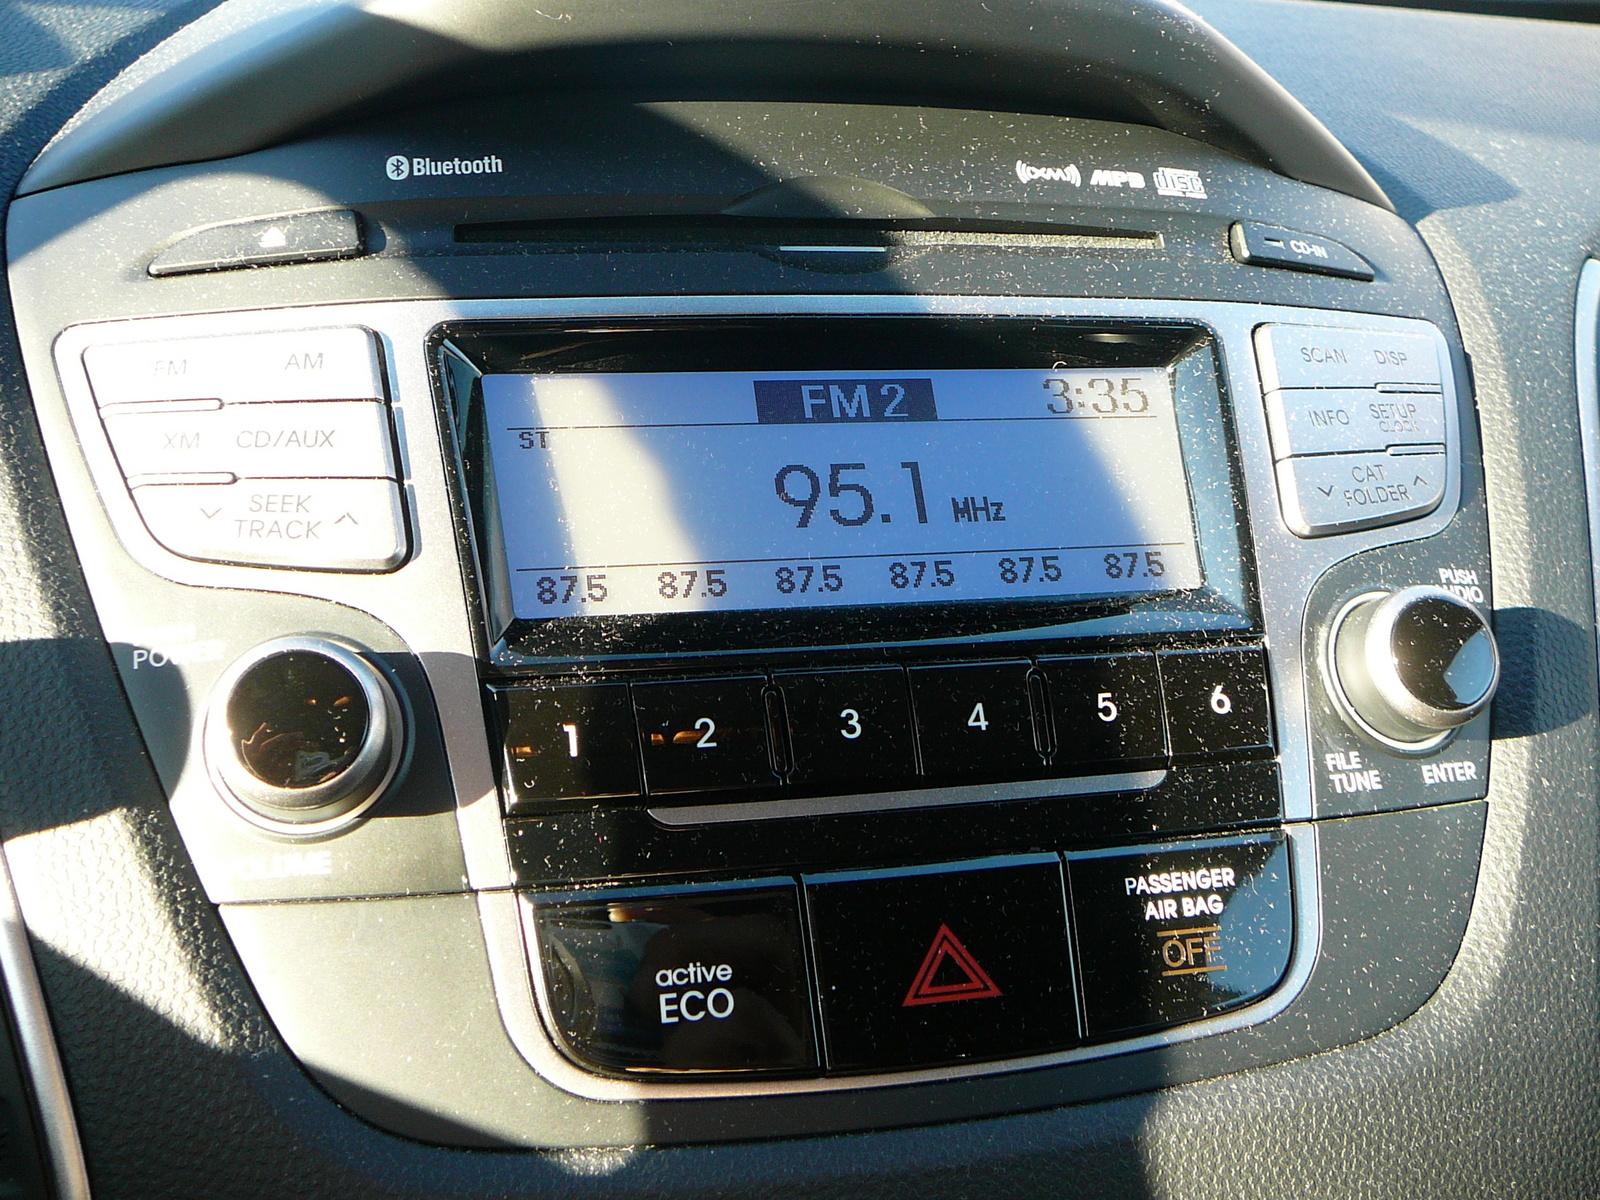 2012 Hyundai Tucson Pictures Cargurus